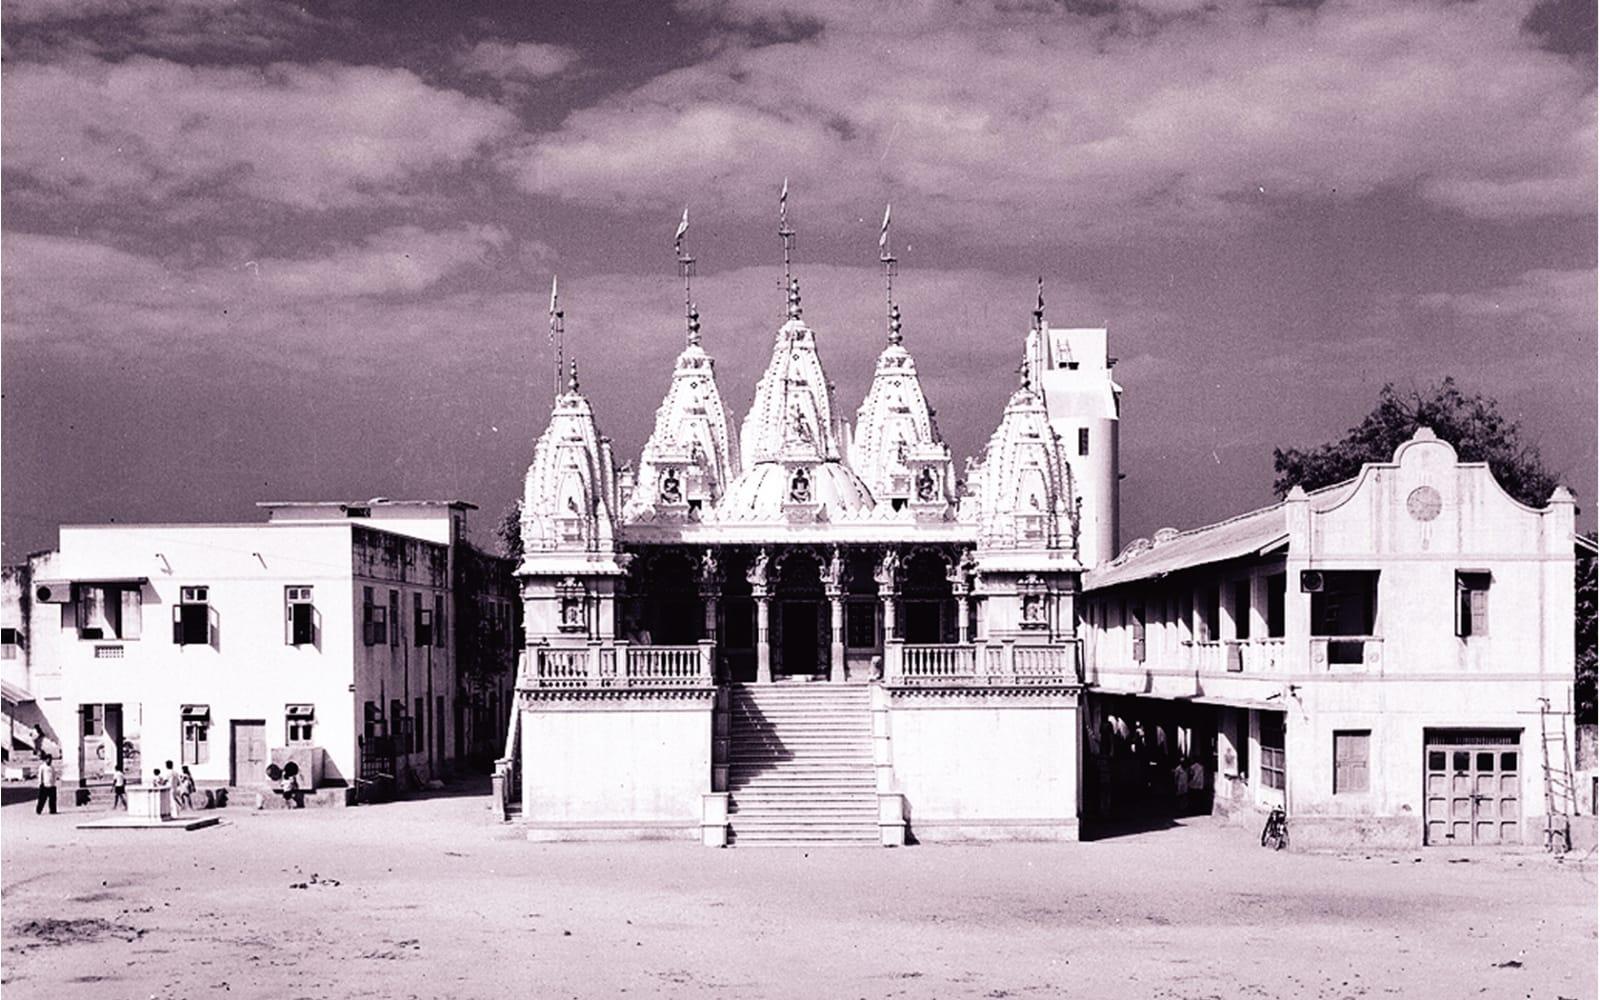 મણિનગર ખાતેનું સ્વામિનારાયણ ભગવાનનું મંદિર